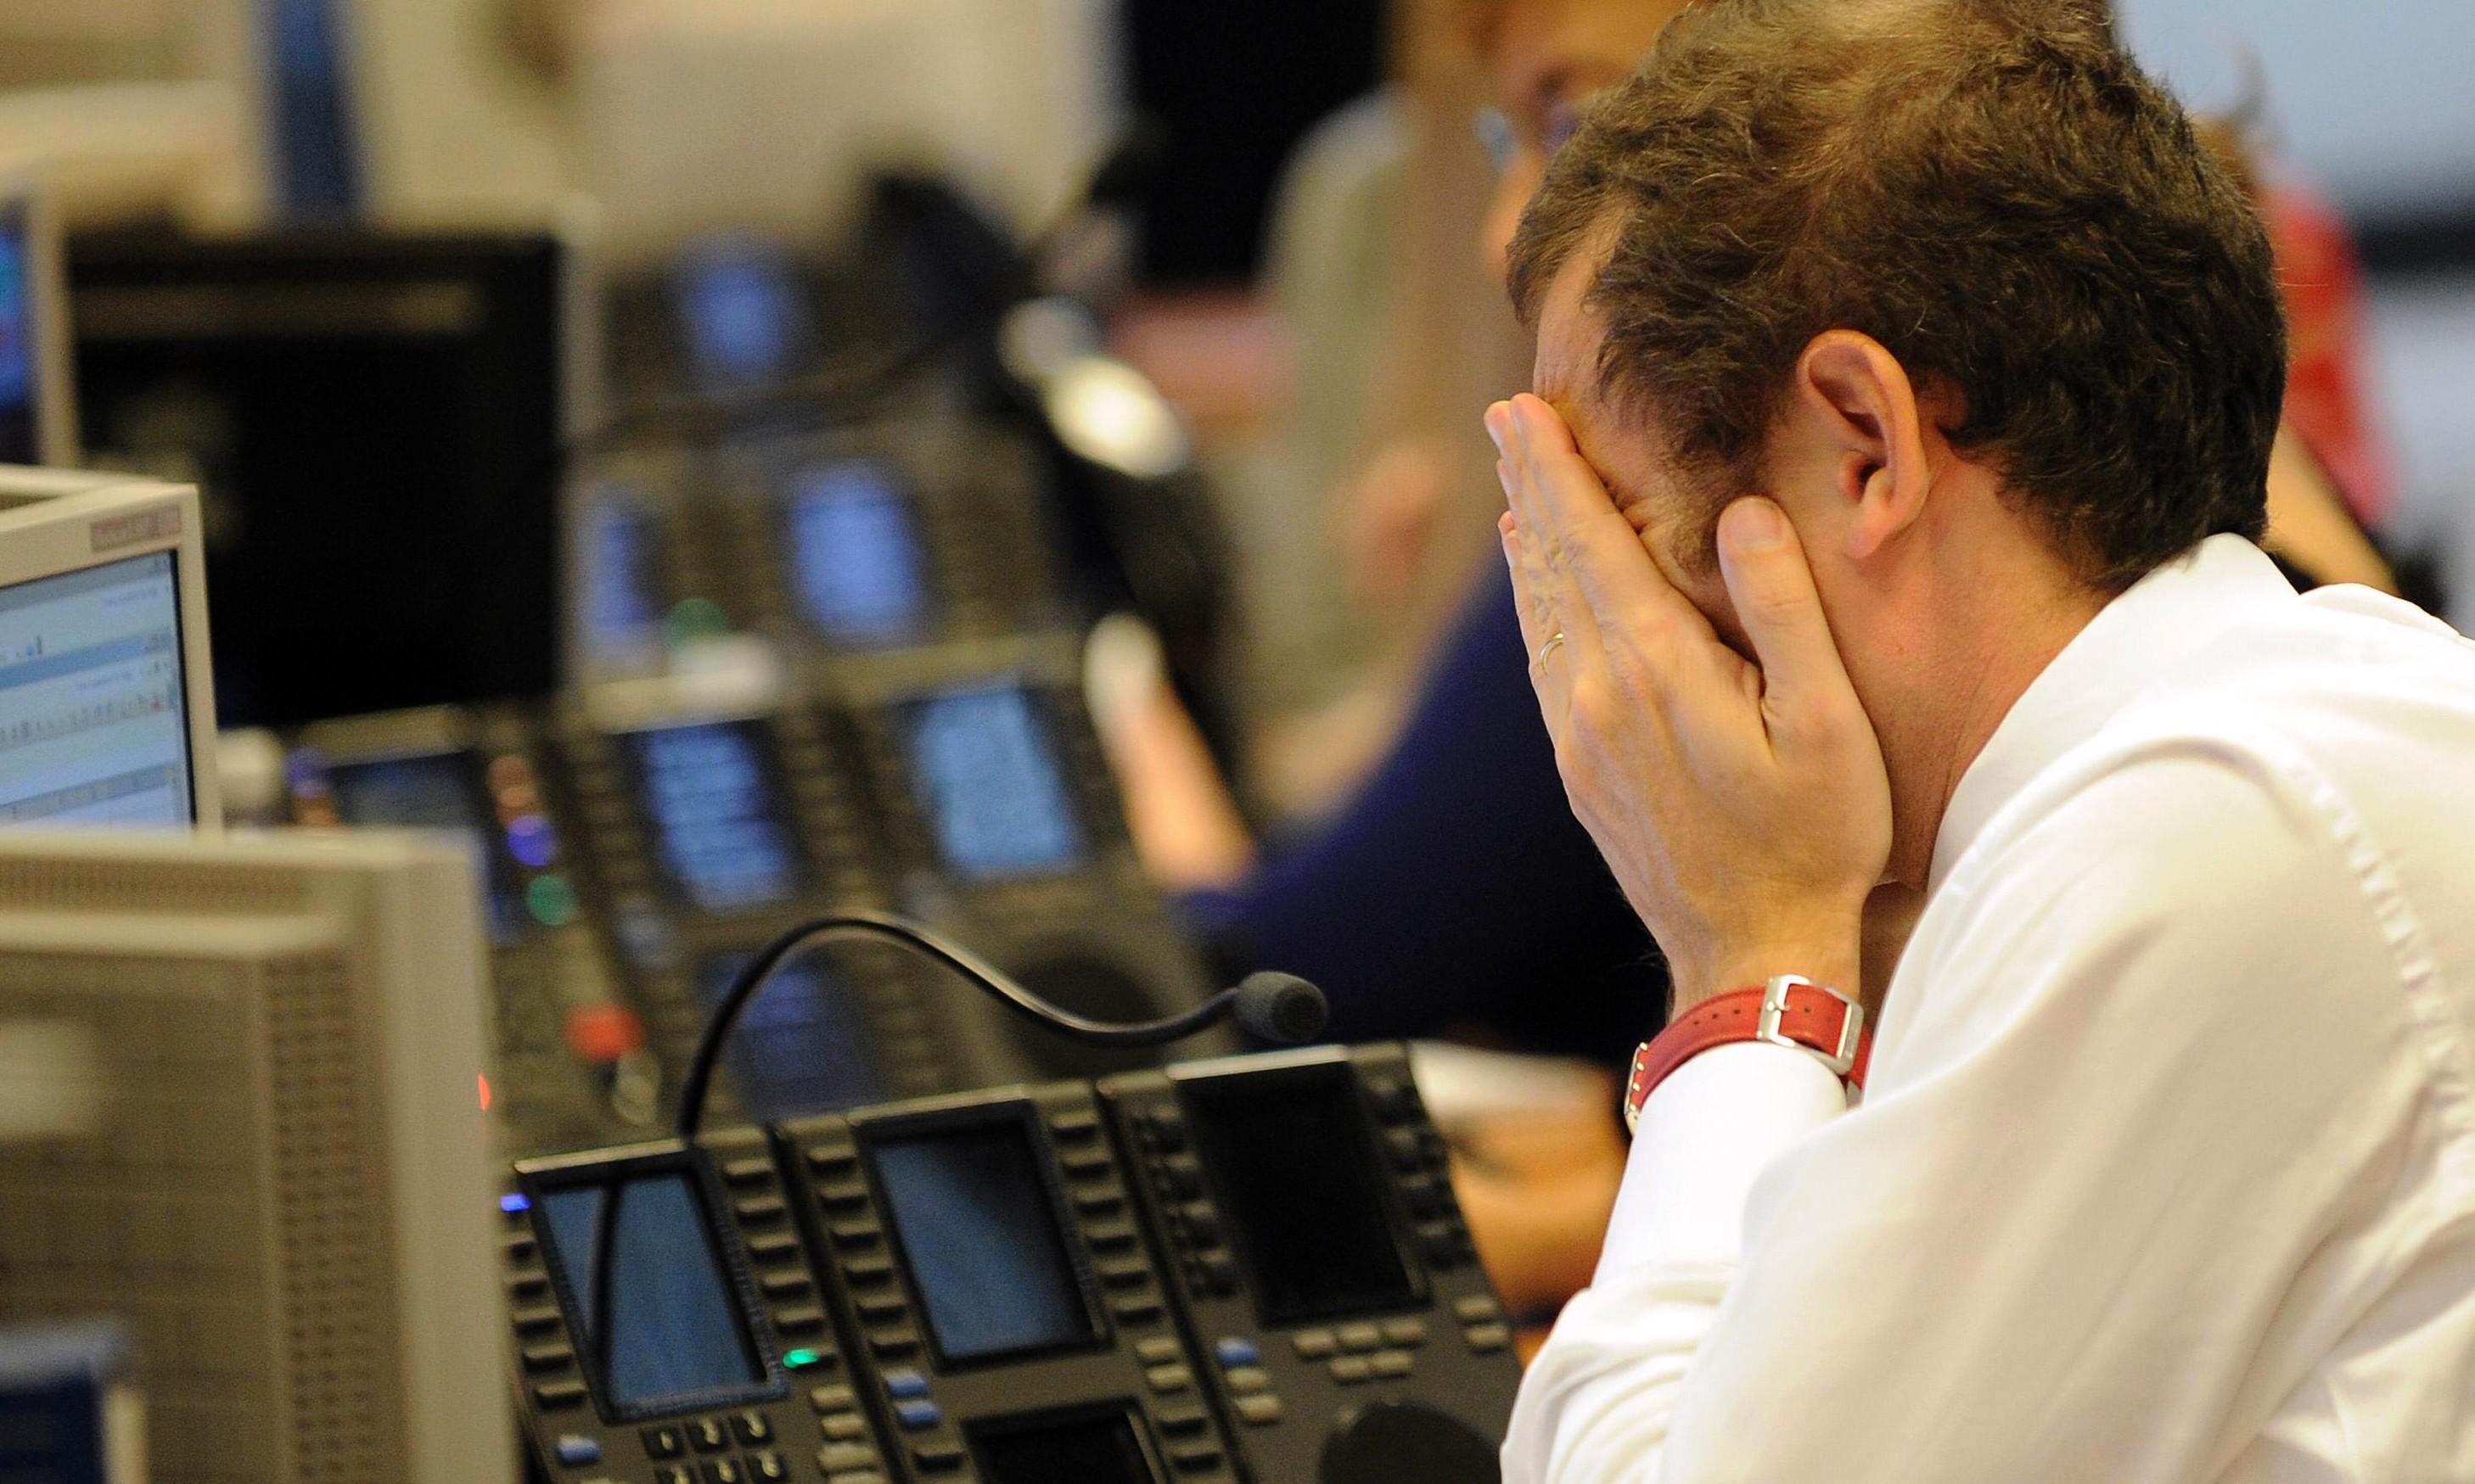 Moody's declassa l'Italia: Troppe incertezze politiche. Monti: Siamo virtuosi ma ci puniscono